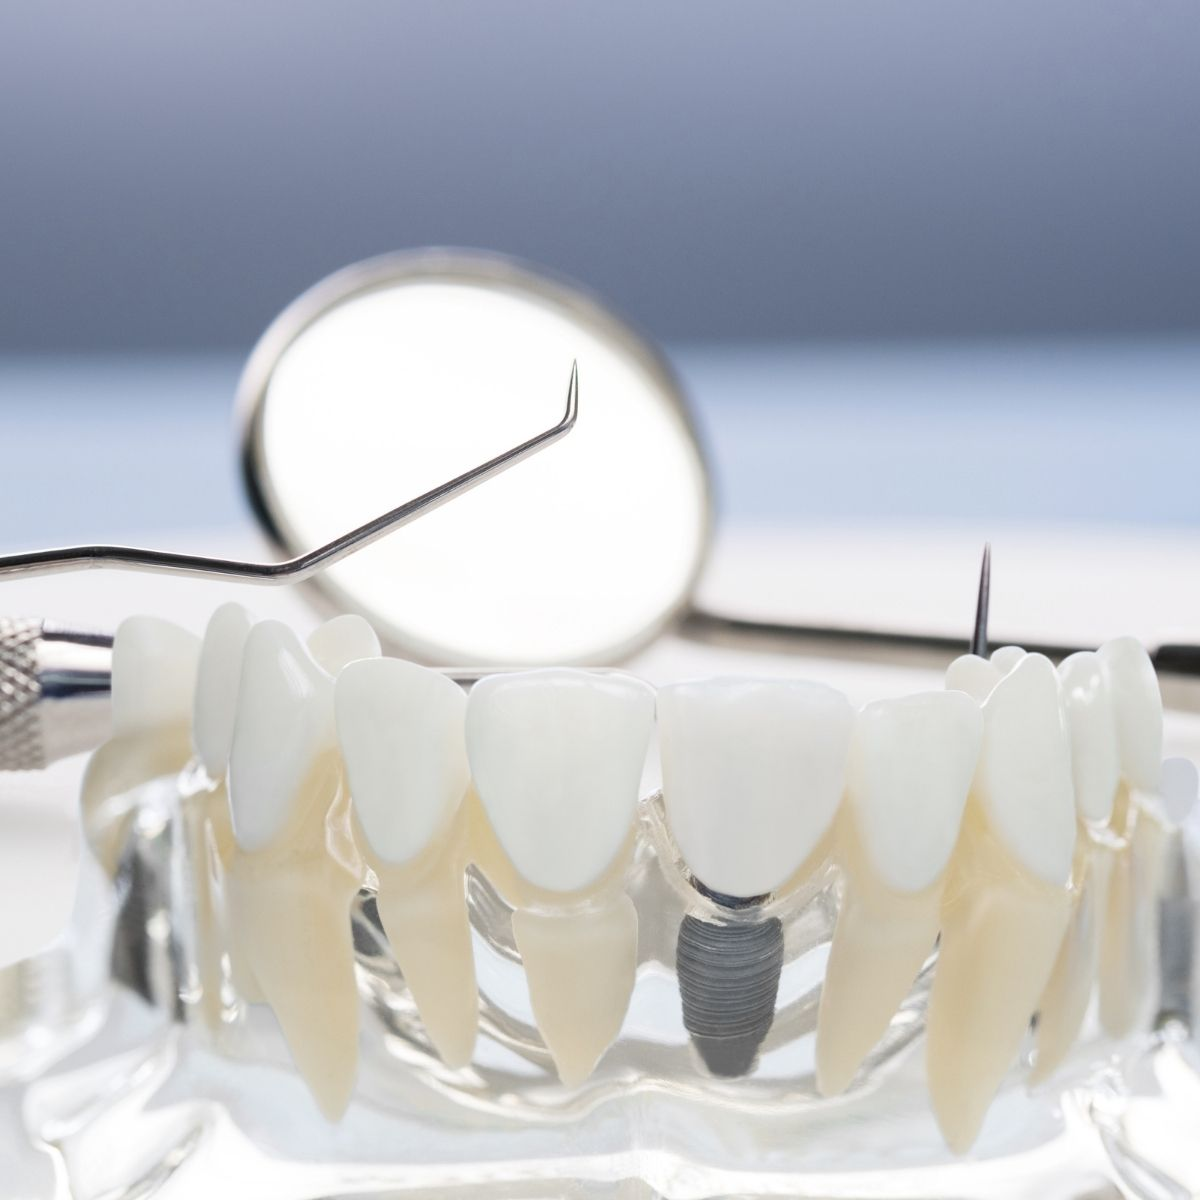 implant dentar ieftin Bucuresti 2021